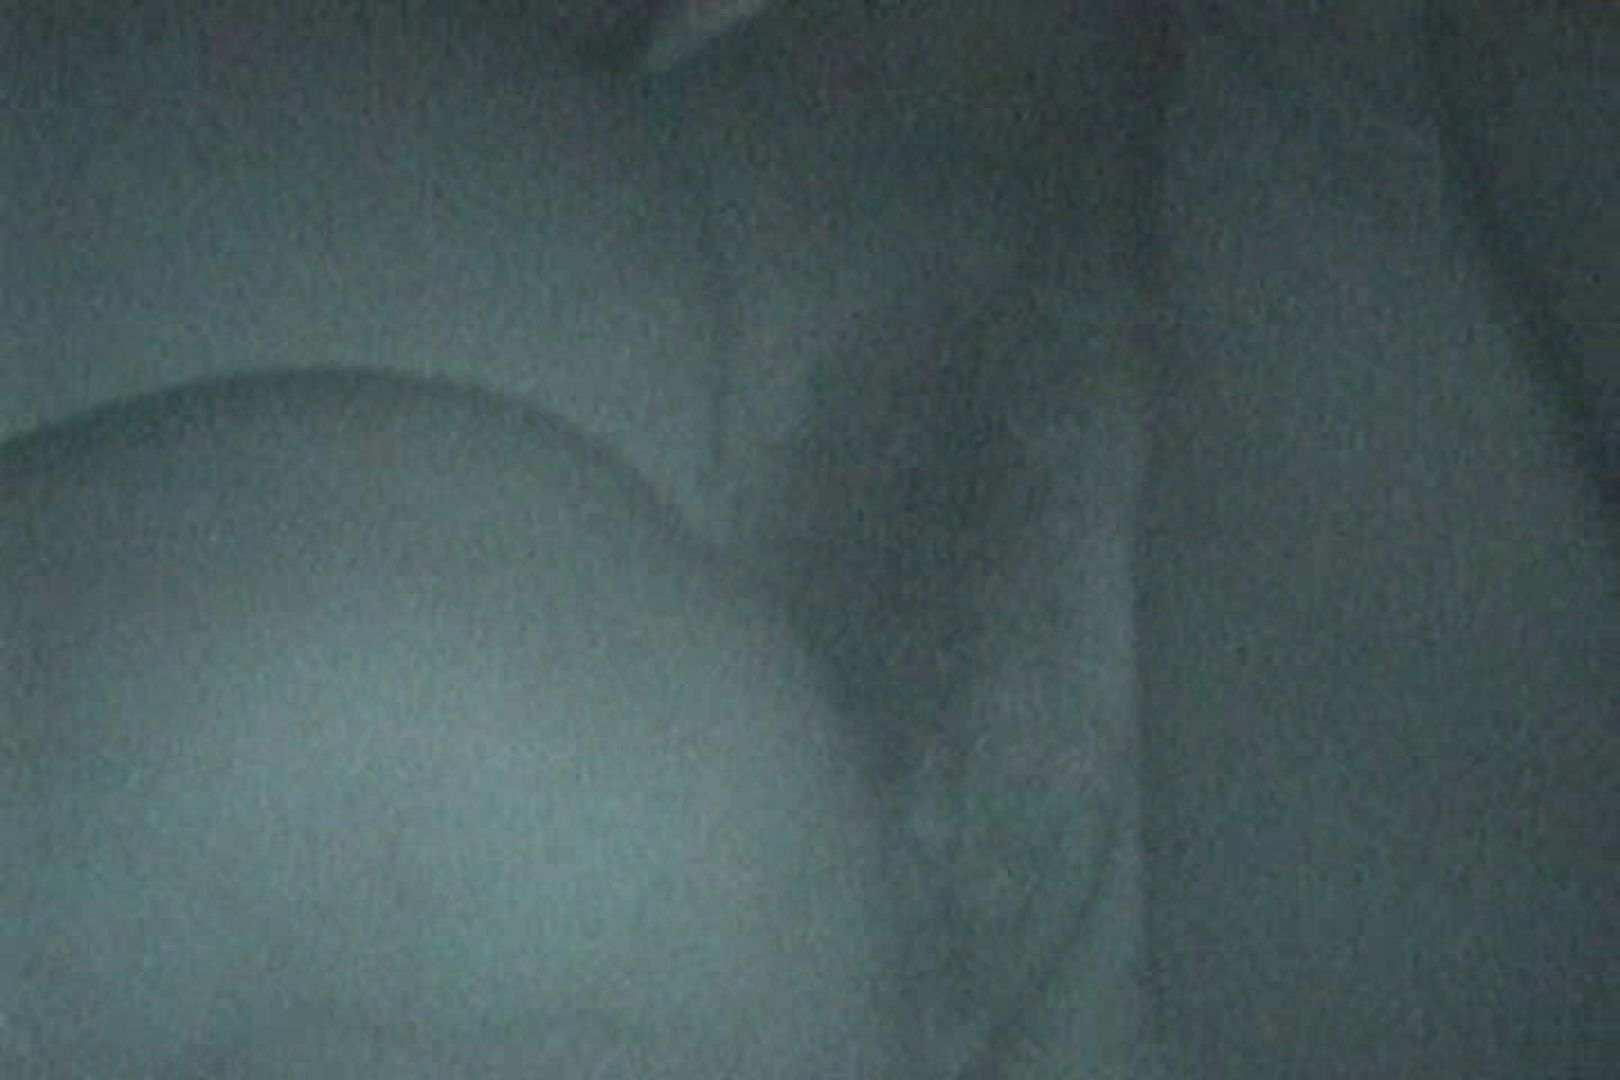 充血監督の深夜の運動会Vol.147 エッチなセックス | 車の中のカップル  89画像 58